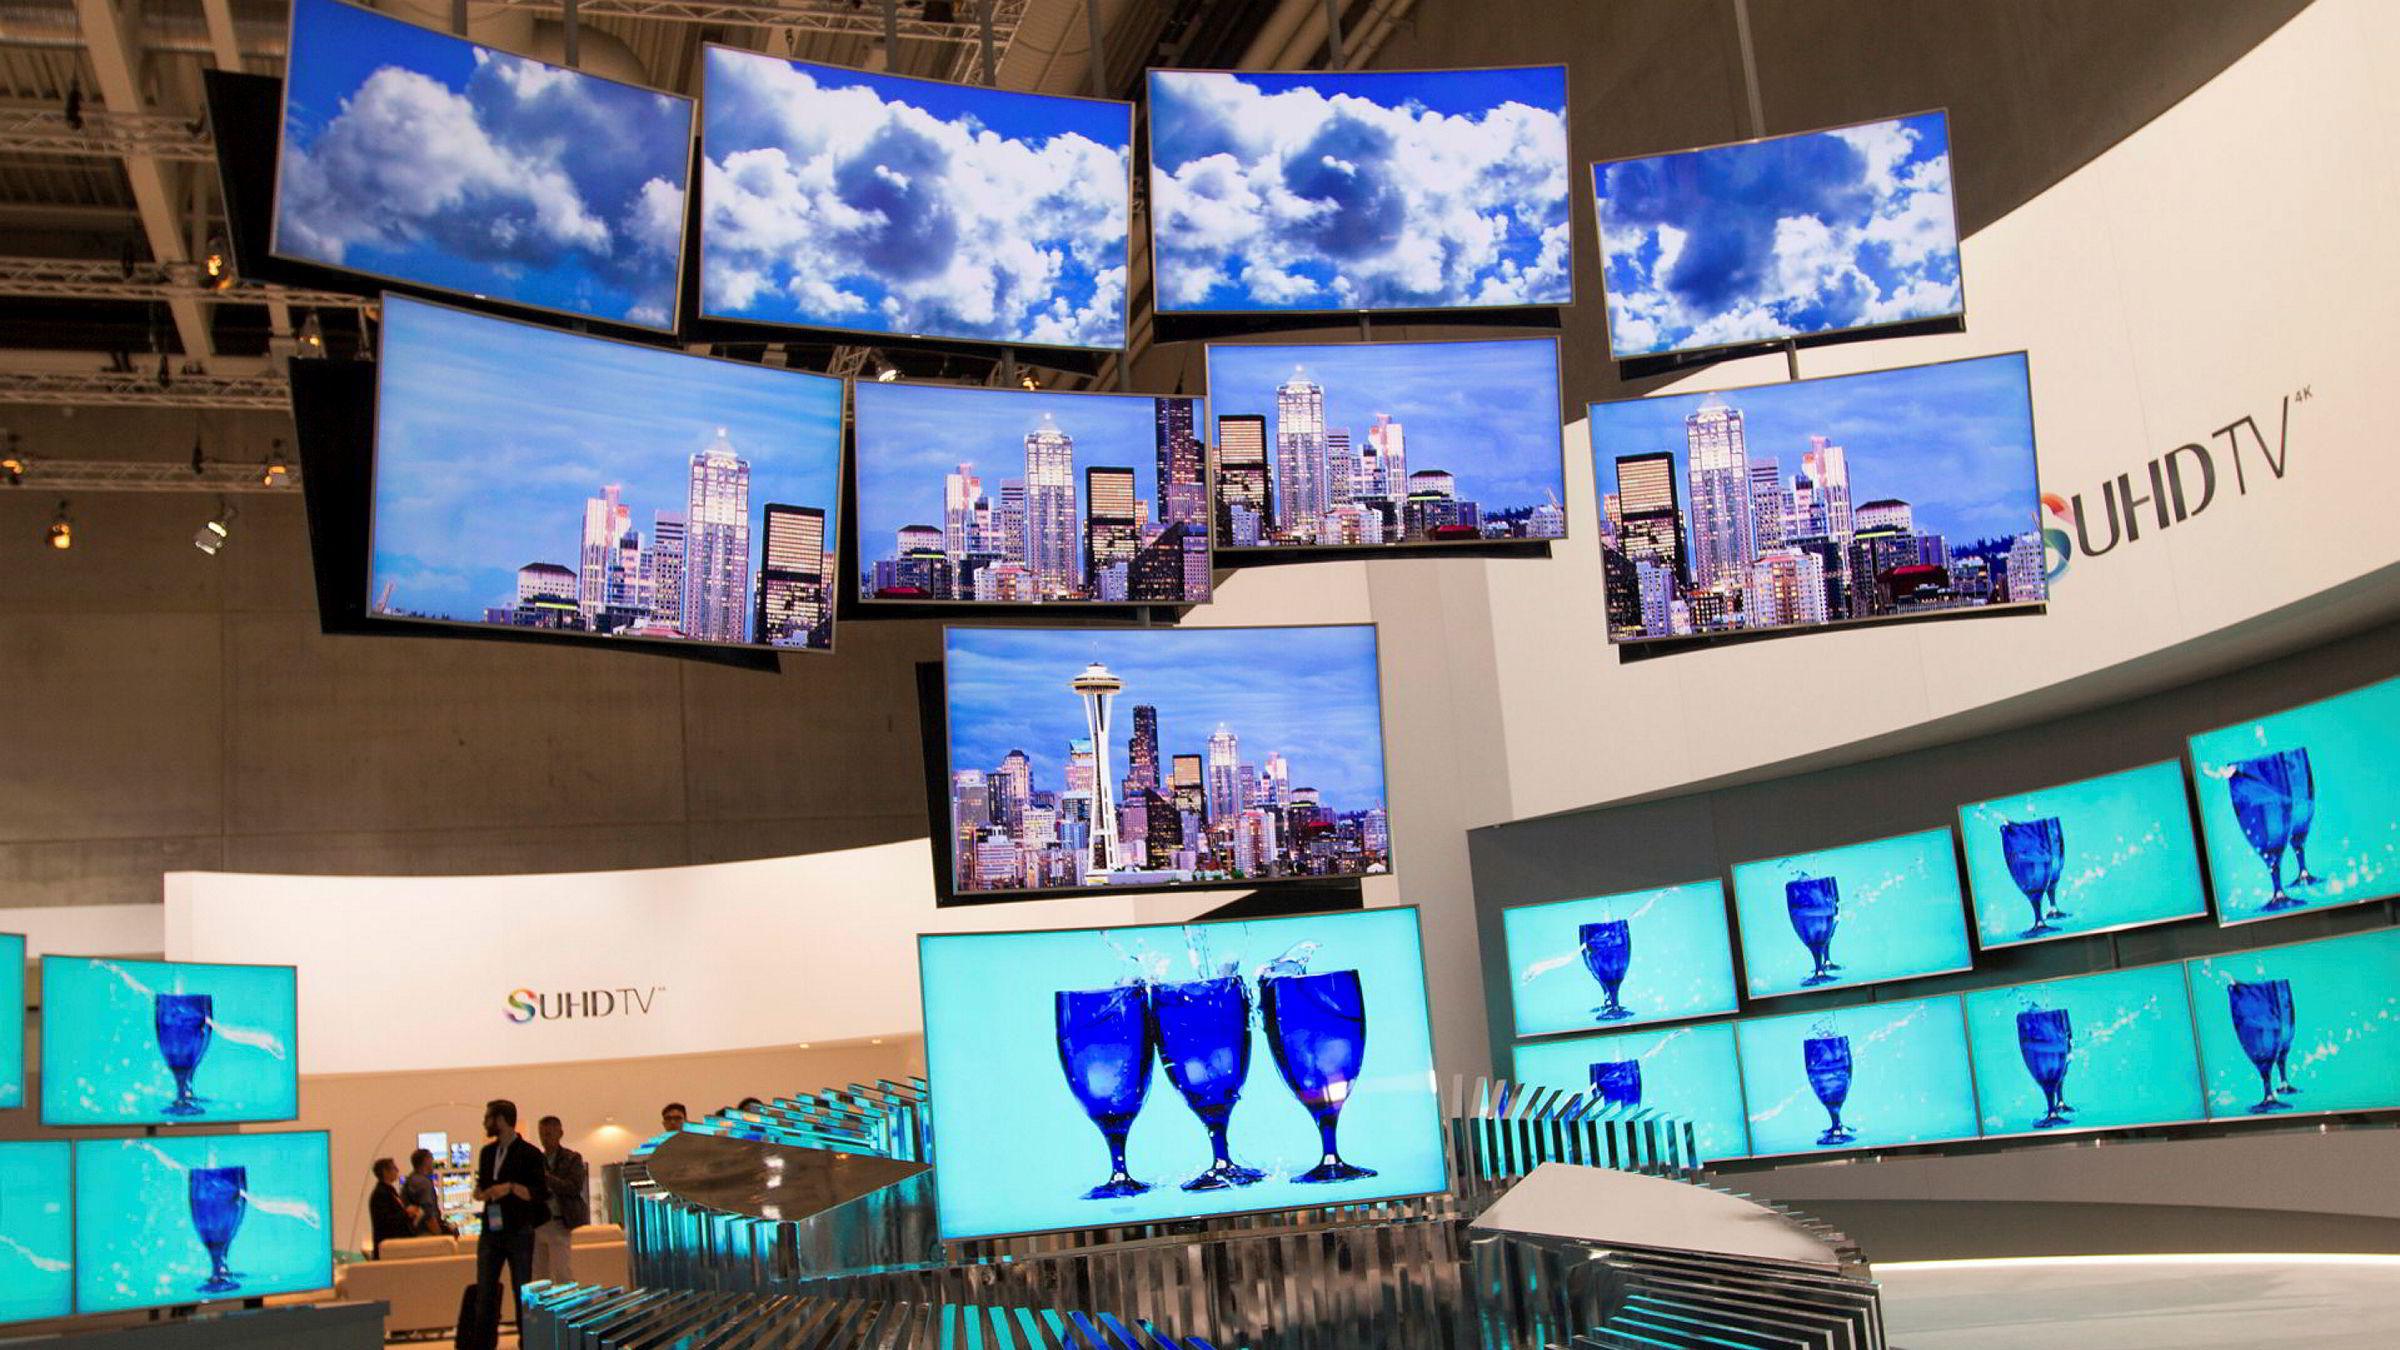 Det er mange tv-er å velge mellom på markedet. Her er noen tips til å finne den rette for deg.